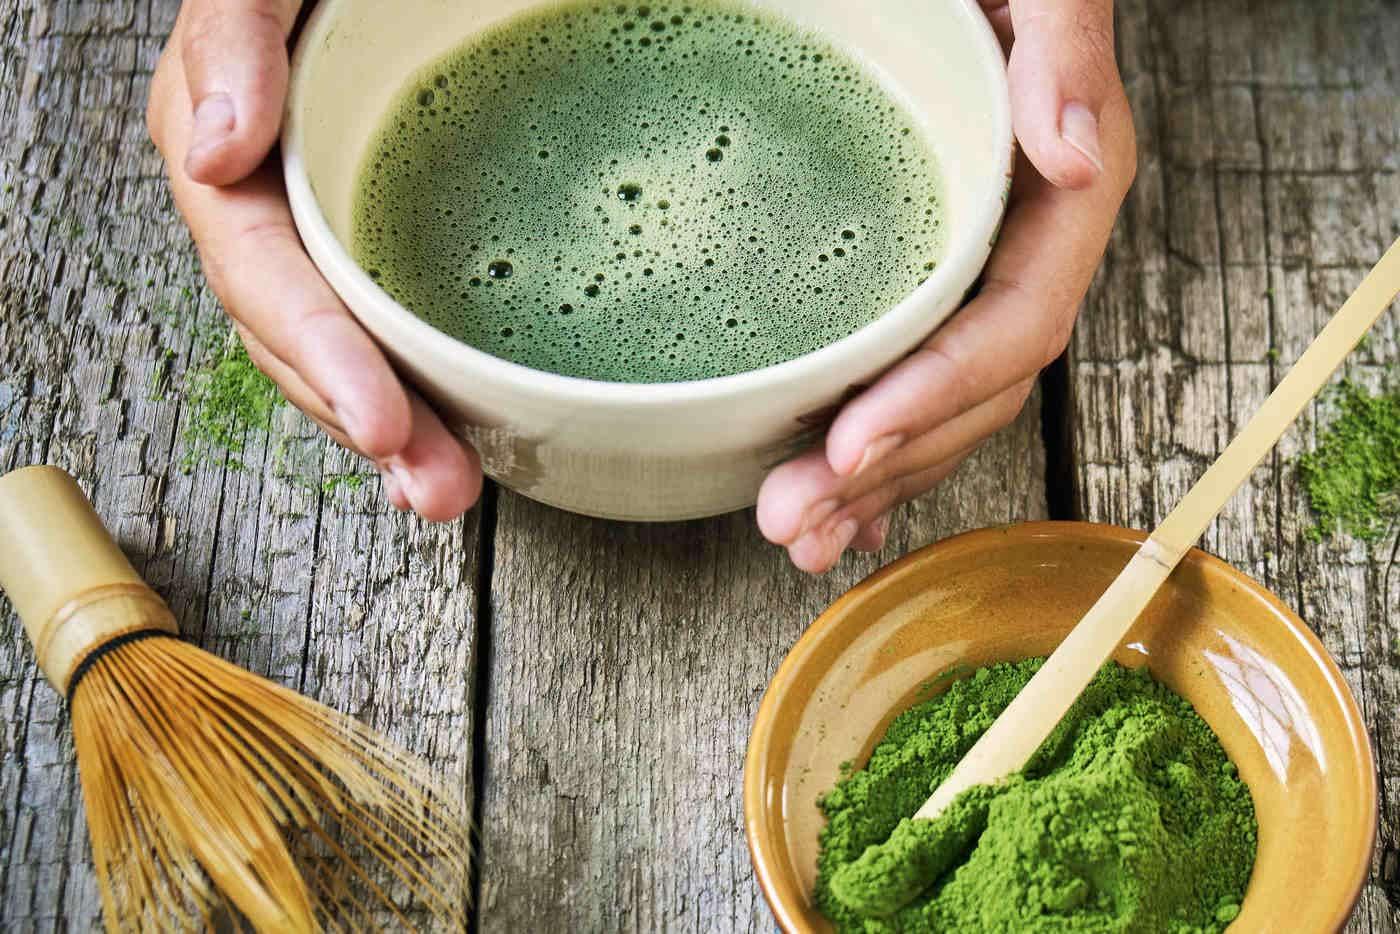 Ceaiul din pulbere de matcha poate atenua simptomele anxietății [studiu]